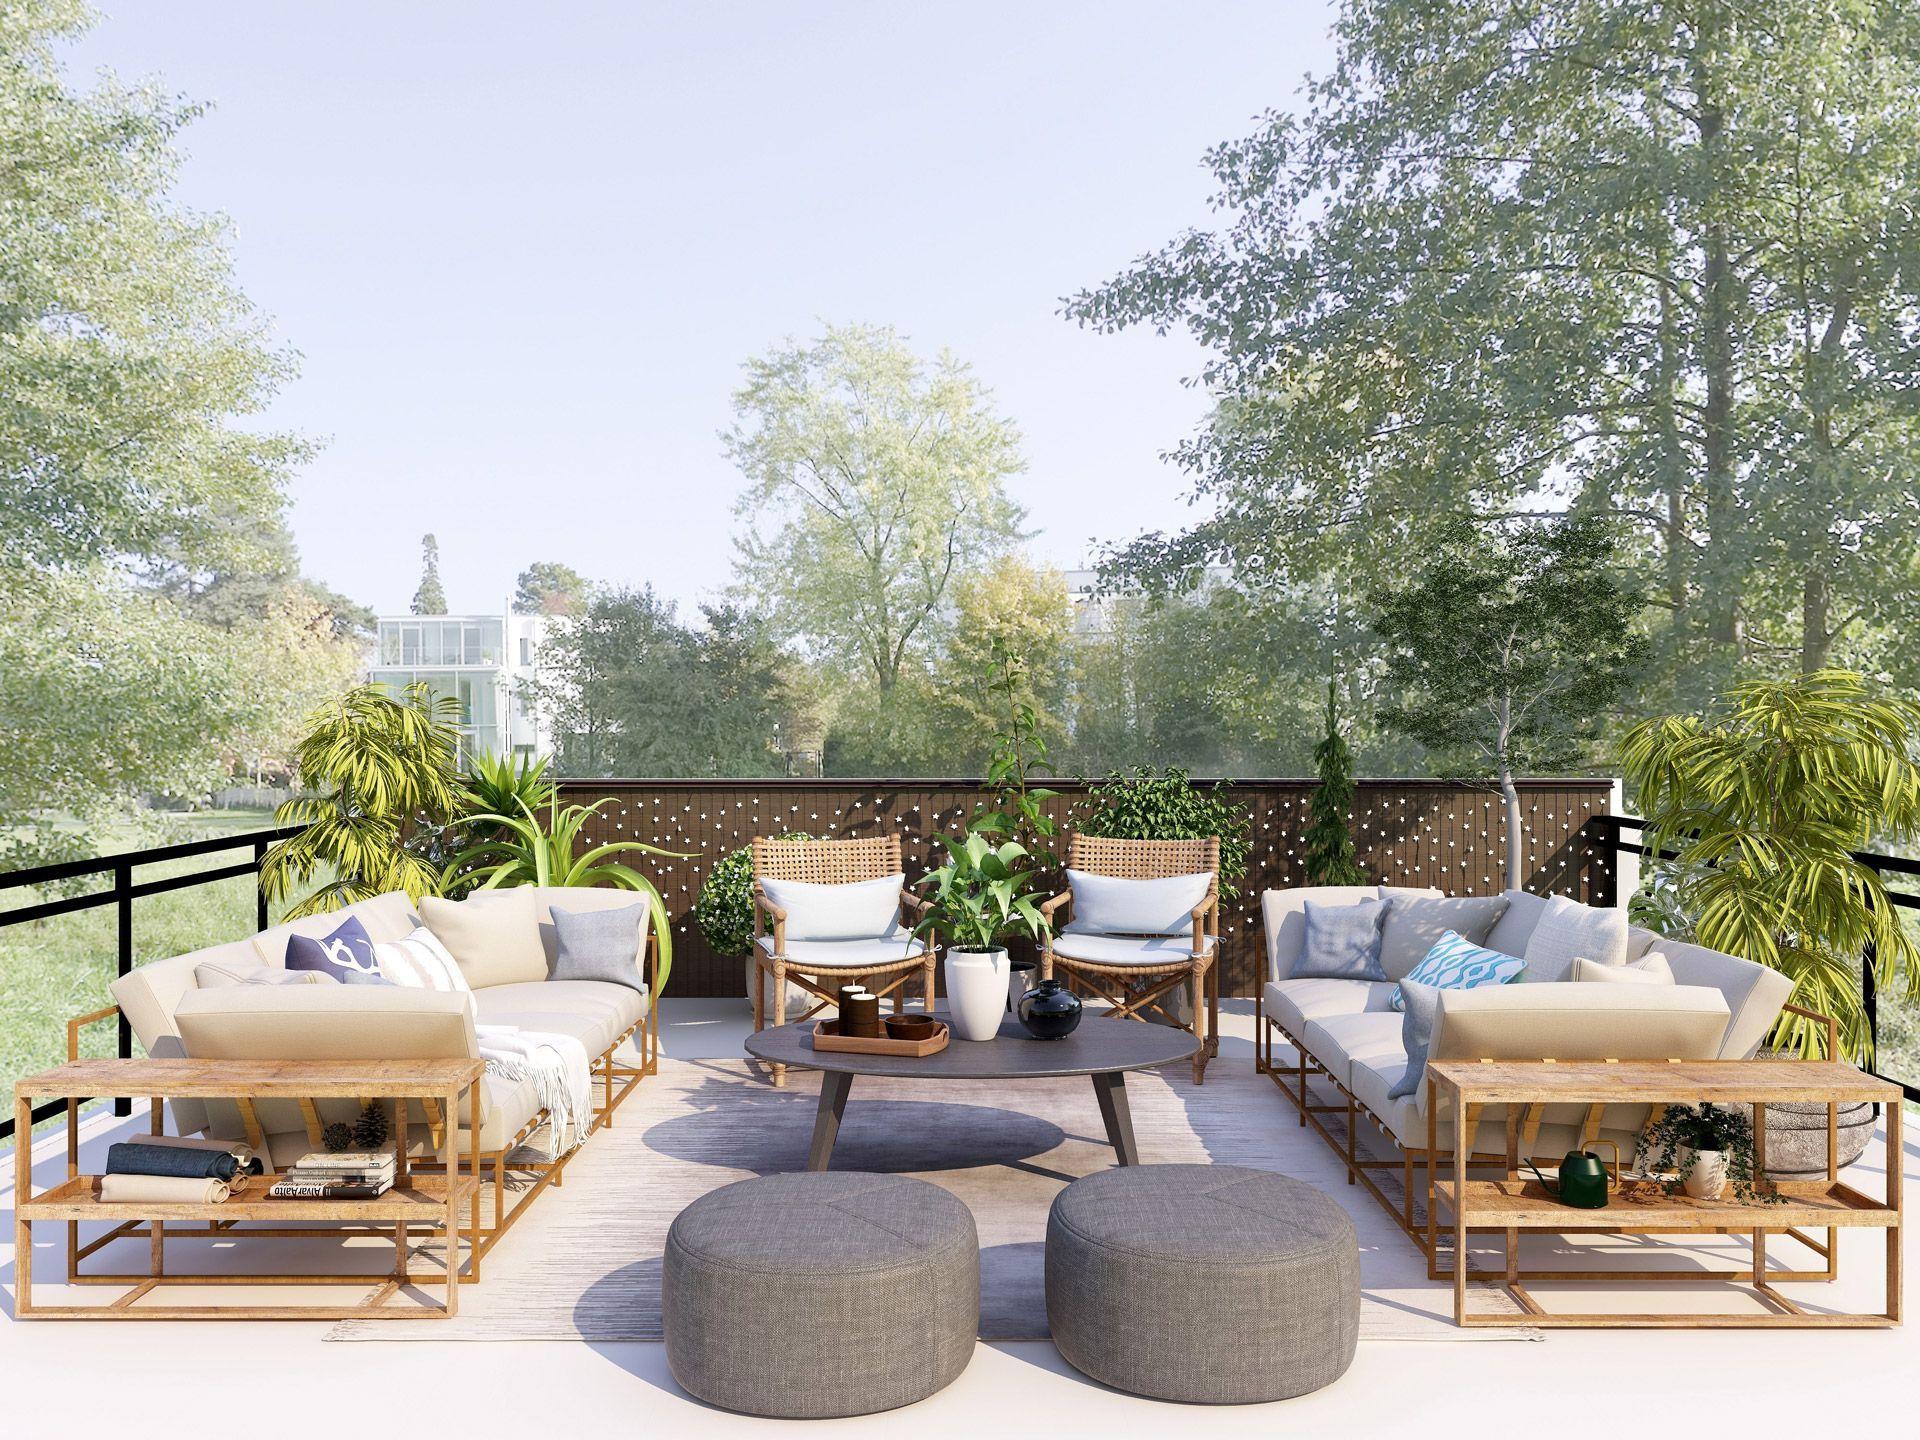 6 buenas ideas para la decoración de tu jardín o terraza